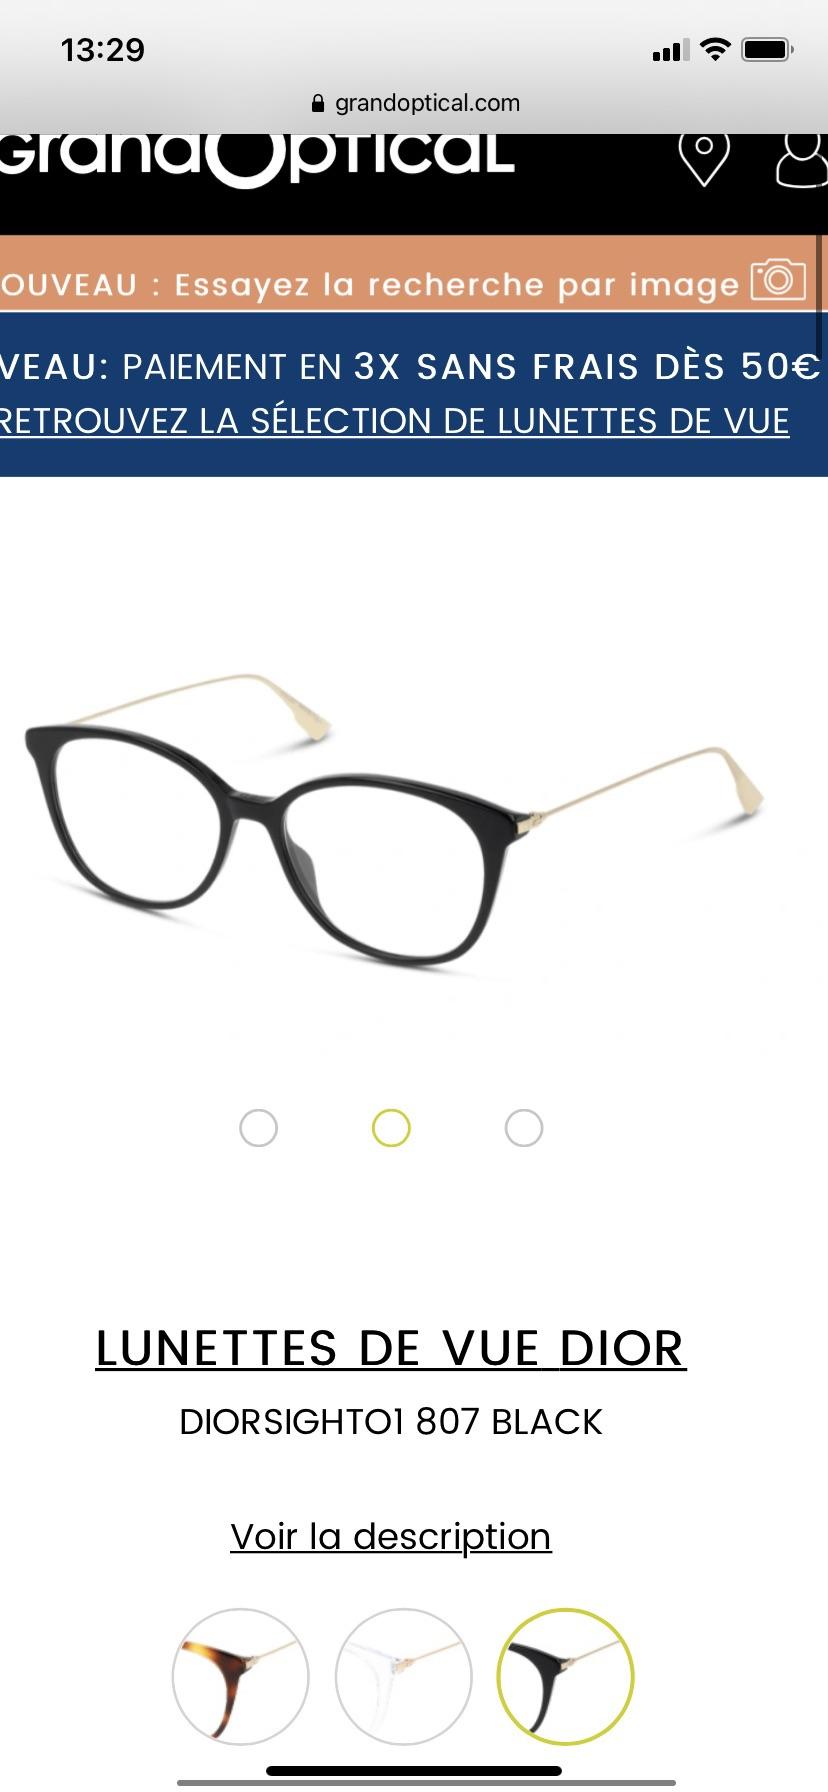 2021年啦你们liberer眼镜/隐形的forfait了吗